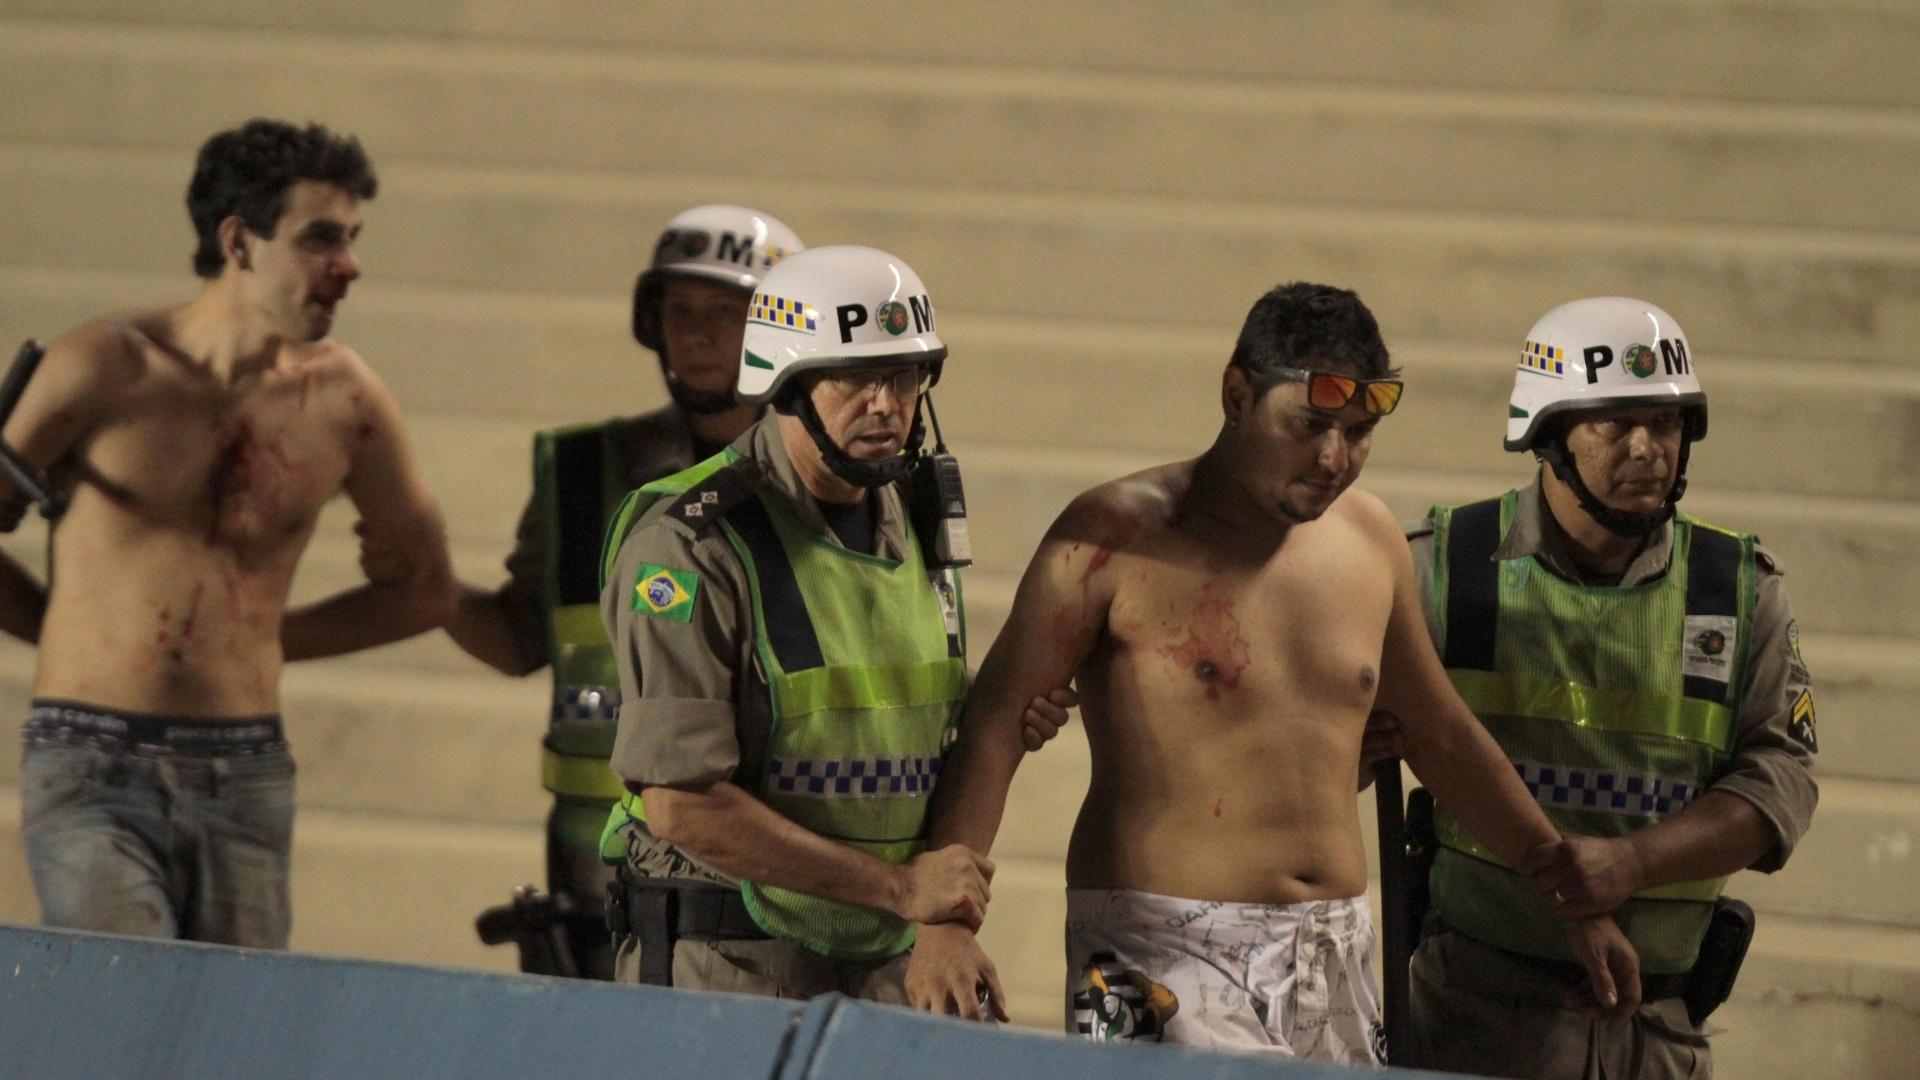 Torcedores do Goiás são detidos após briga nas arquibancadas do Estádio Serra Dourada